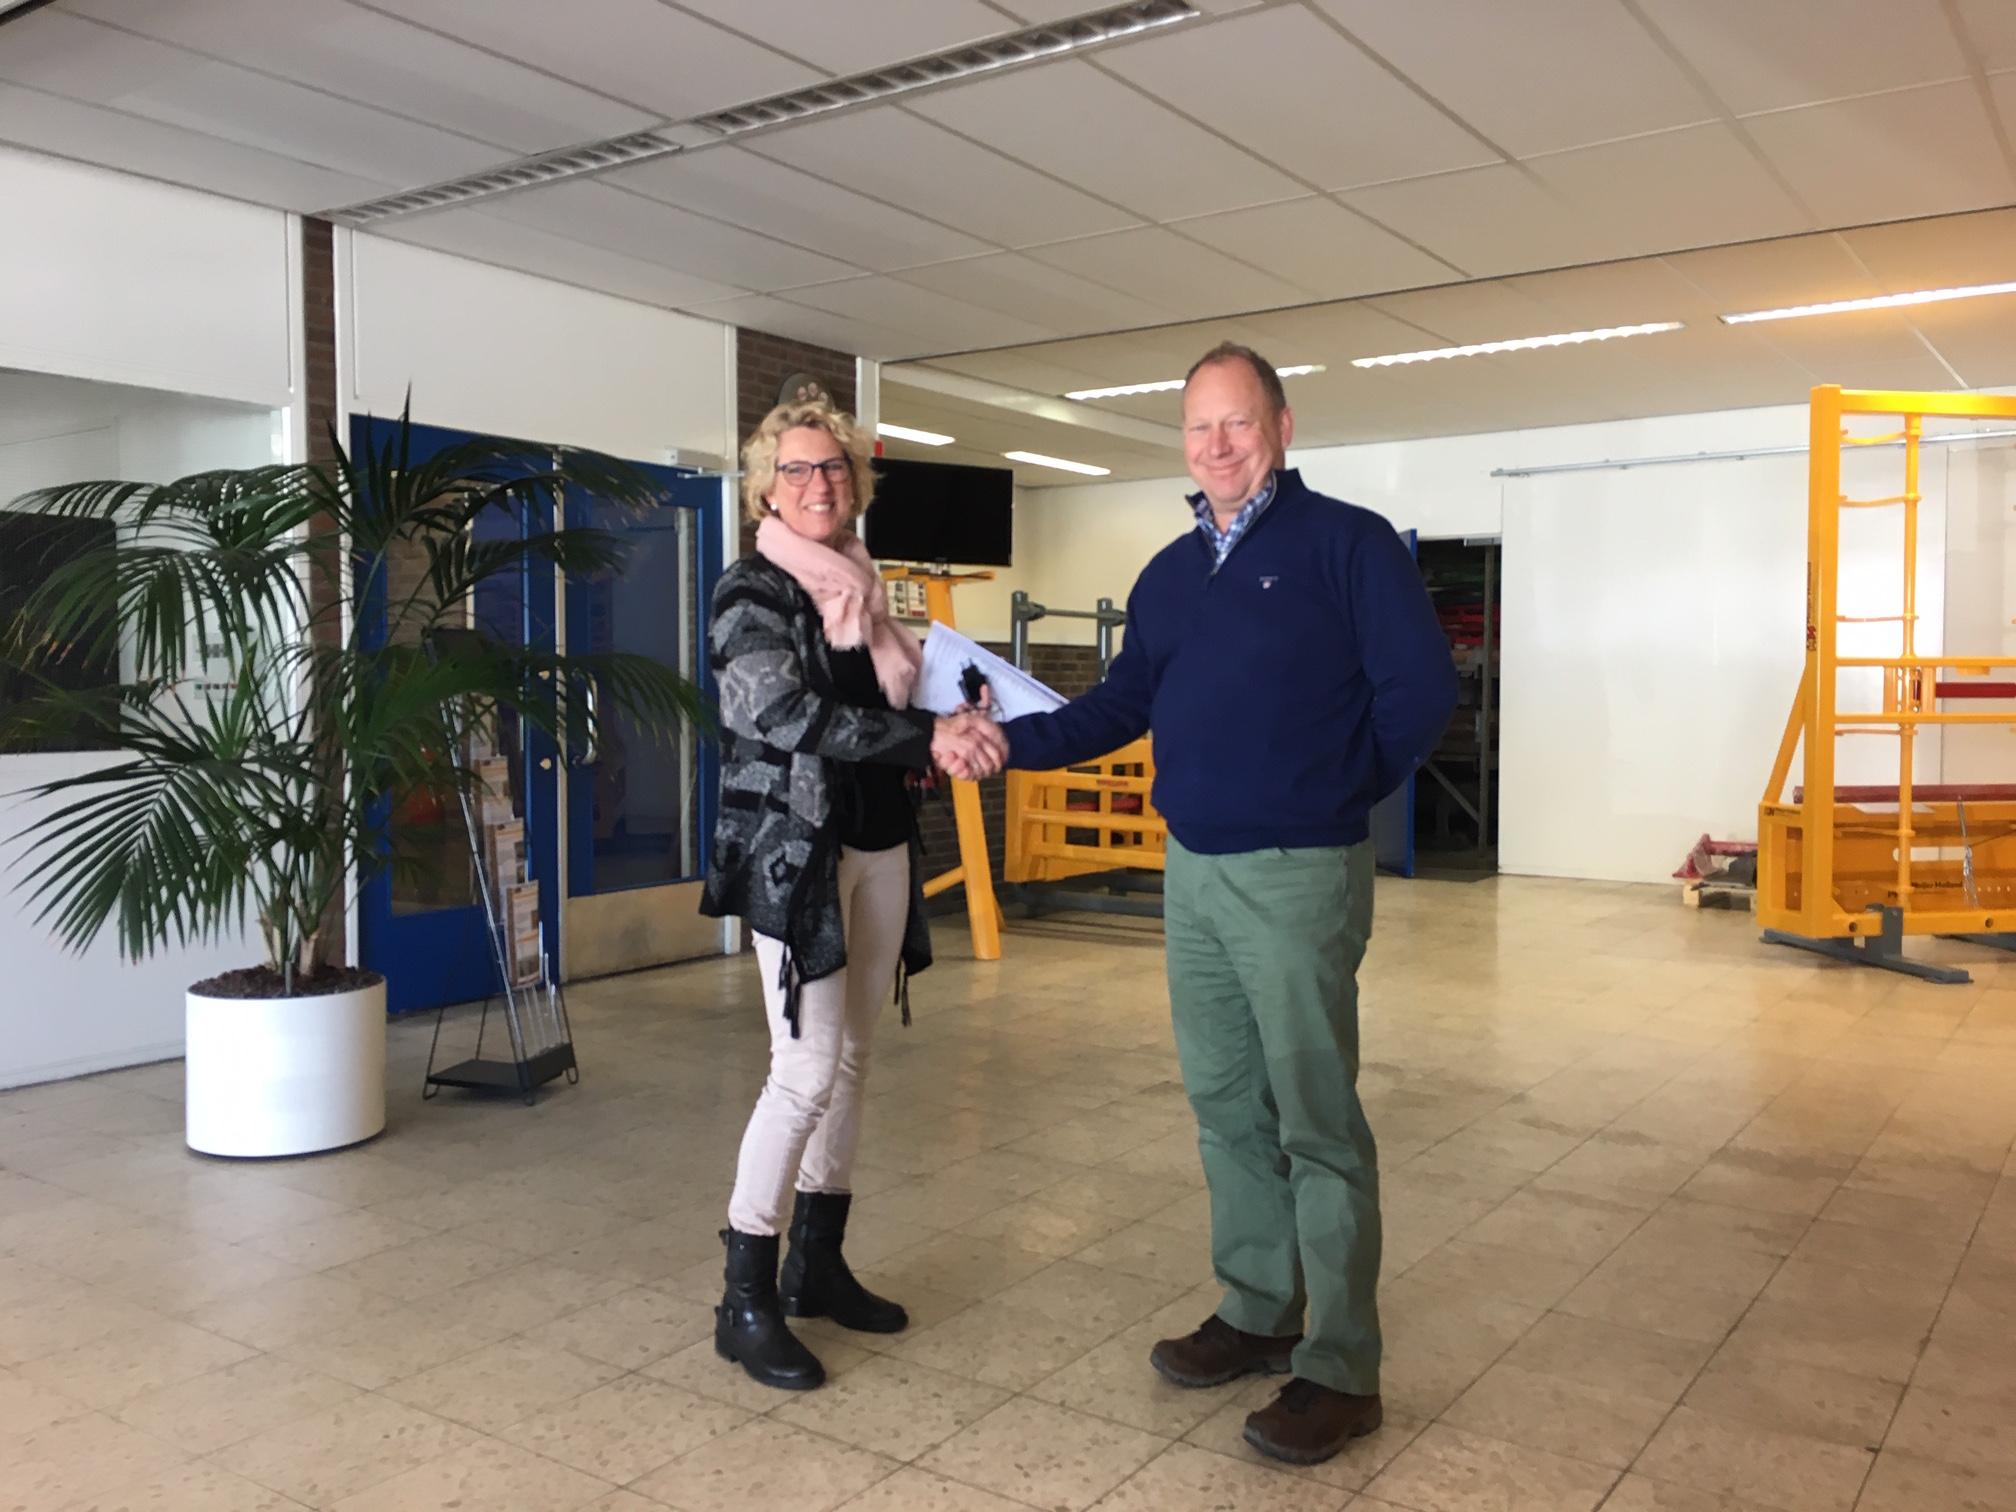 Britse strohandelaar na 30 jaar terug bij Meijer Holland